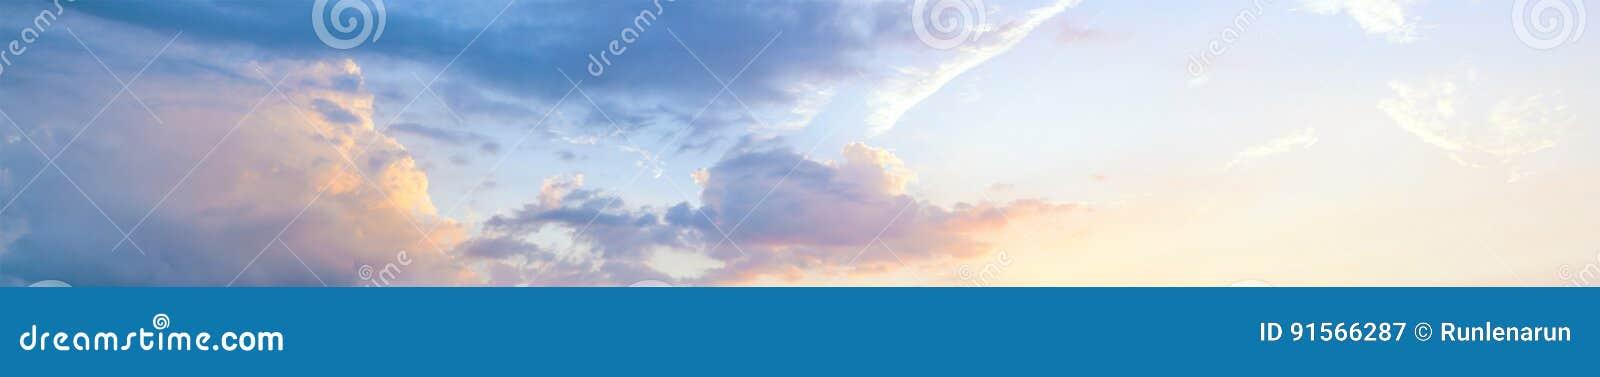 Mooie zonsonderganghemel, panorama